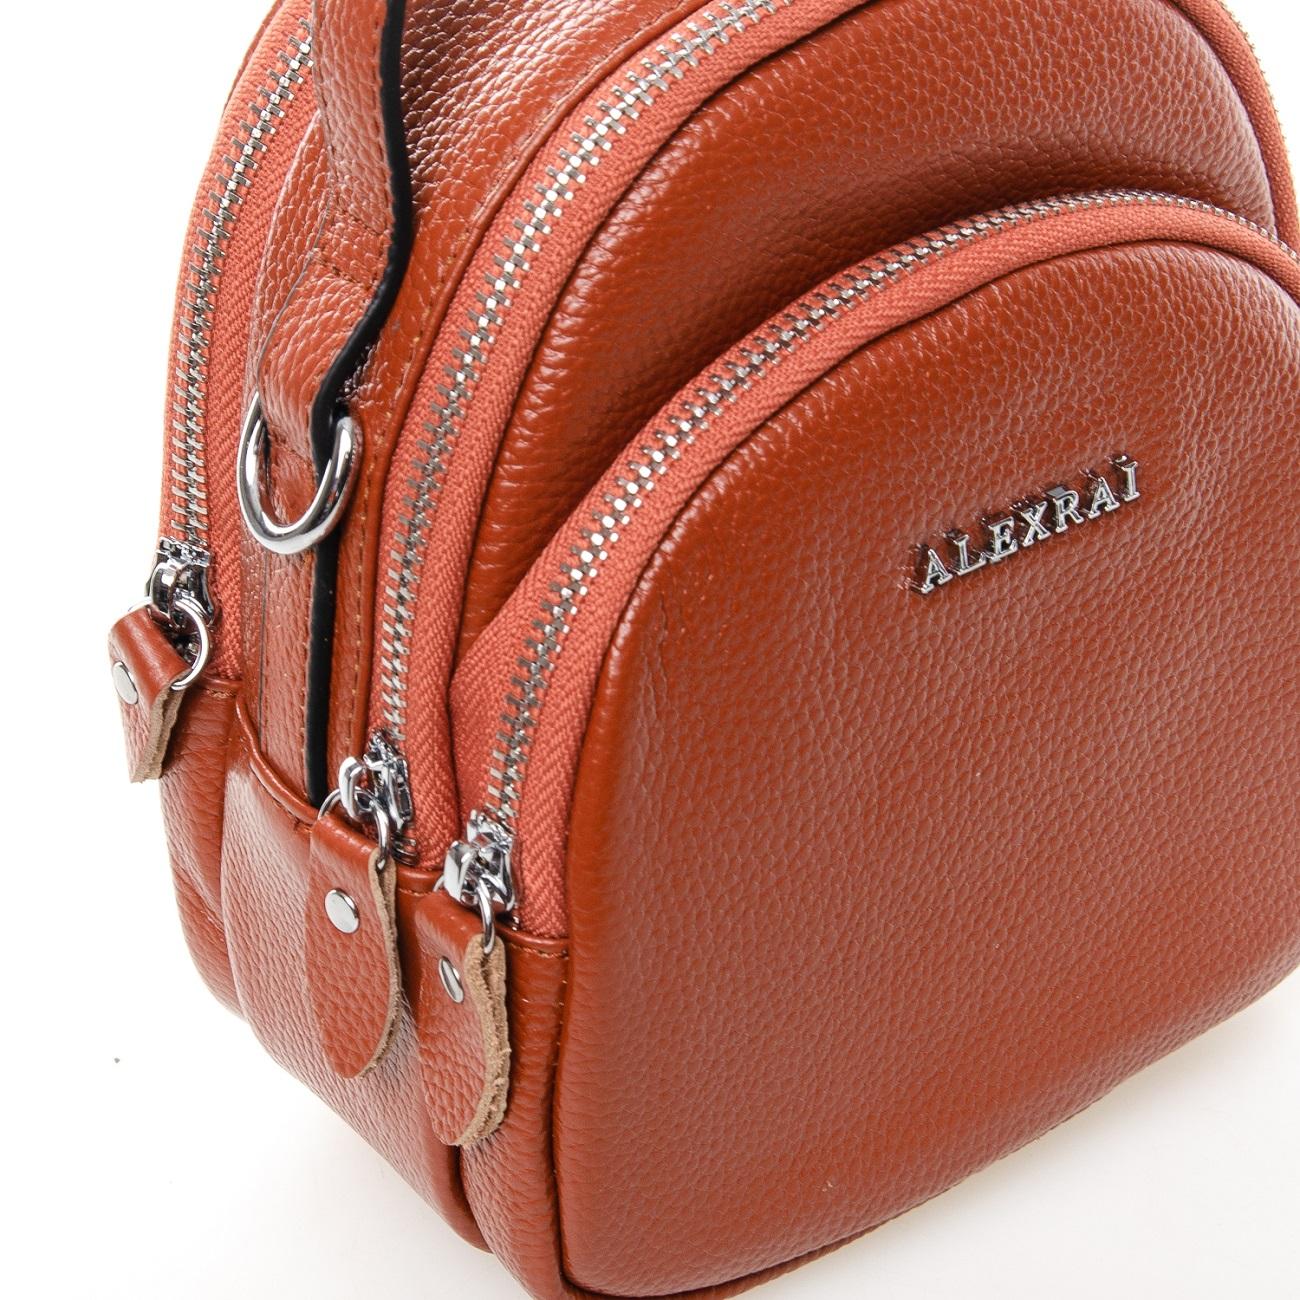 Сумка Женская Клатч кожа ALEX RAI 03-1 3905-6 brown - фото 5